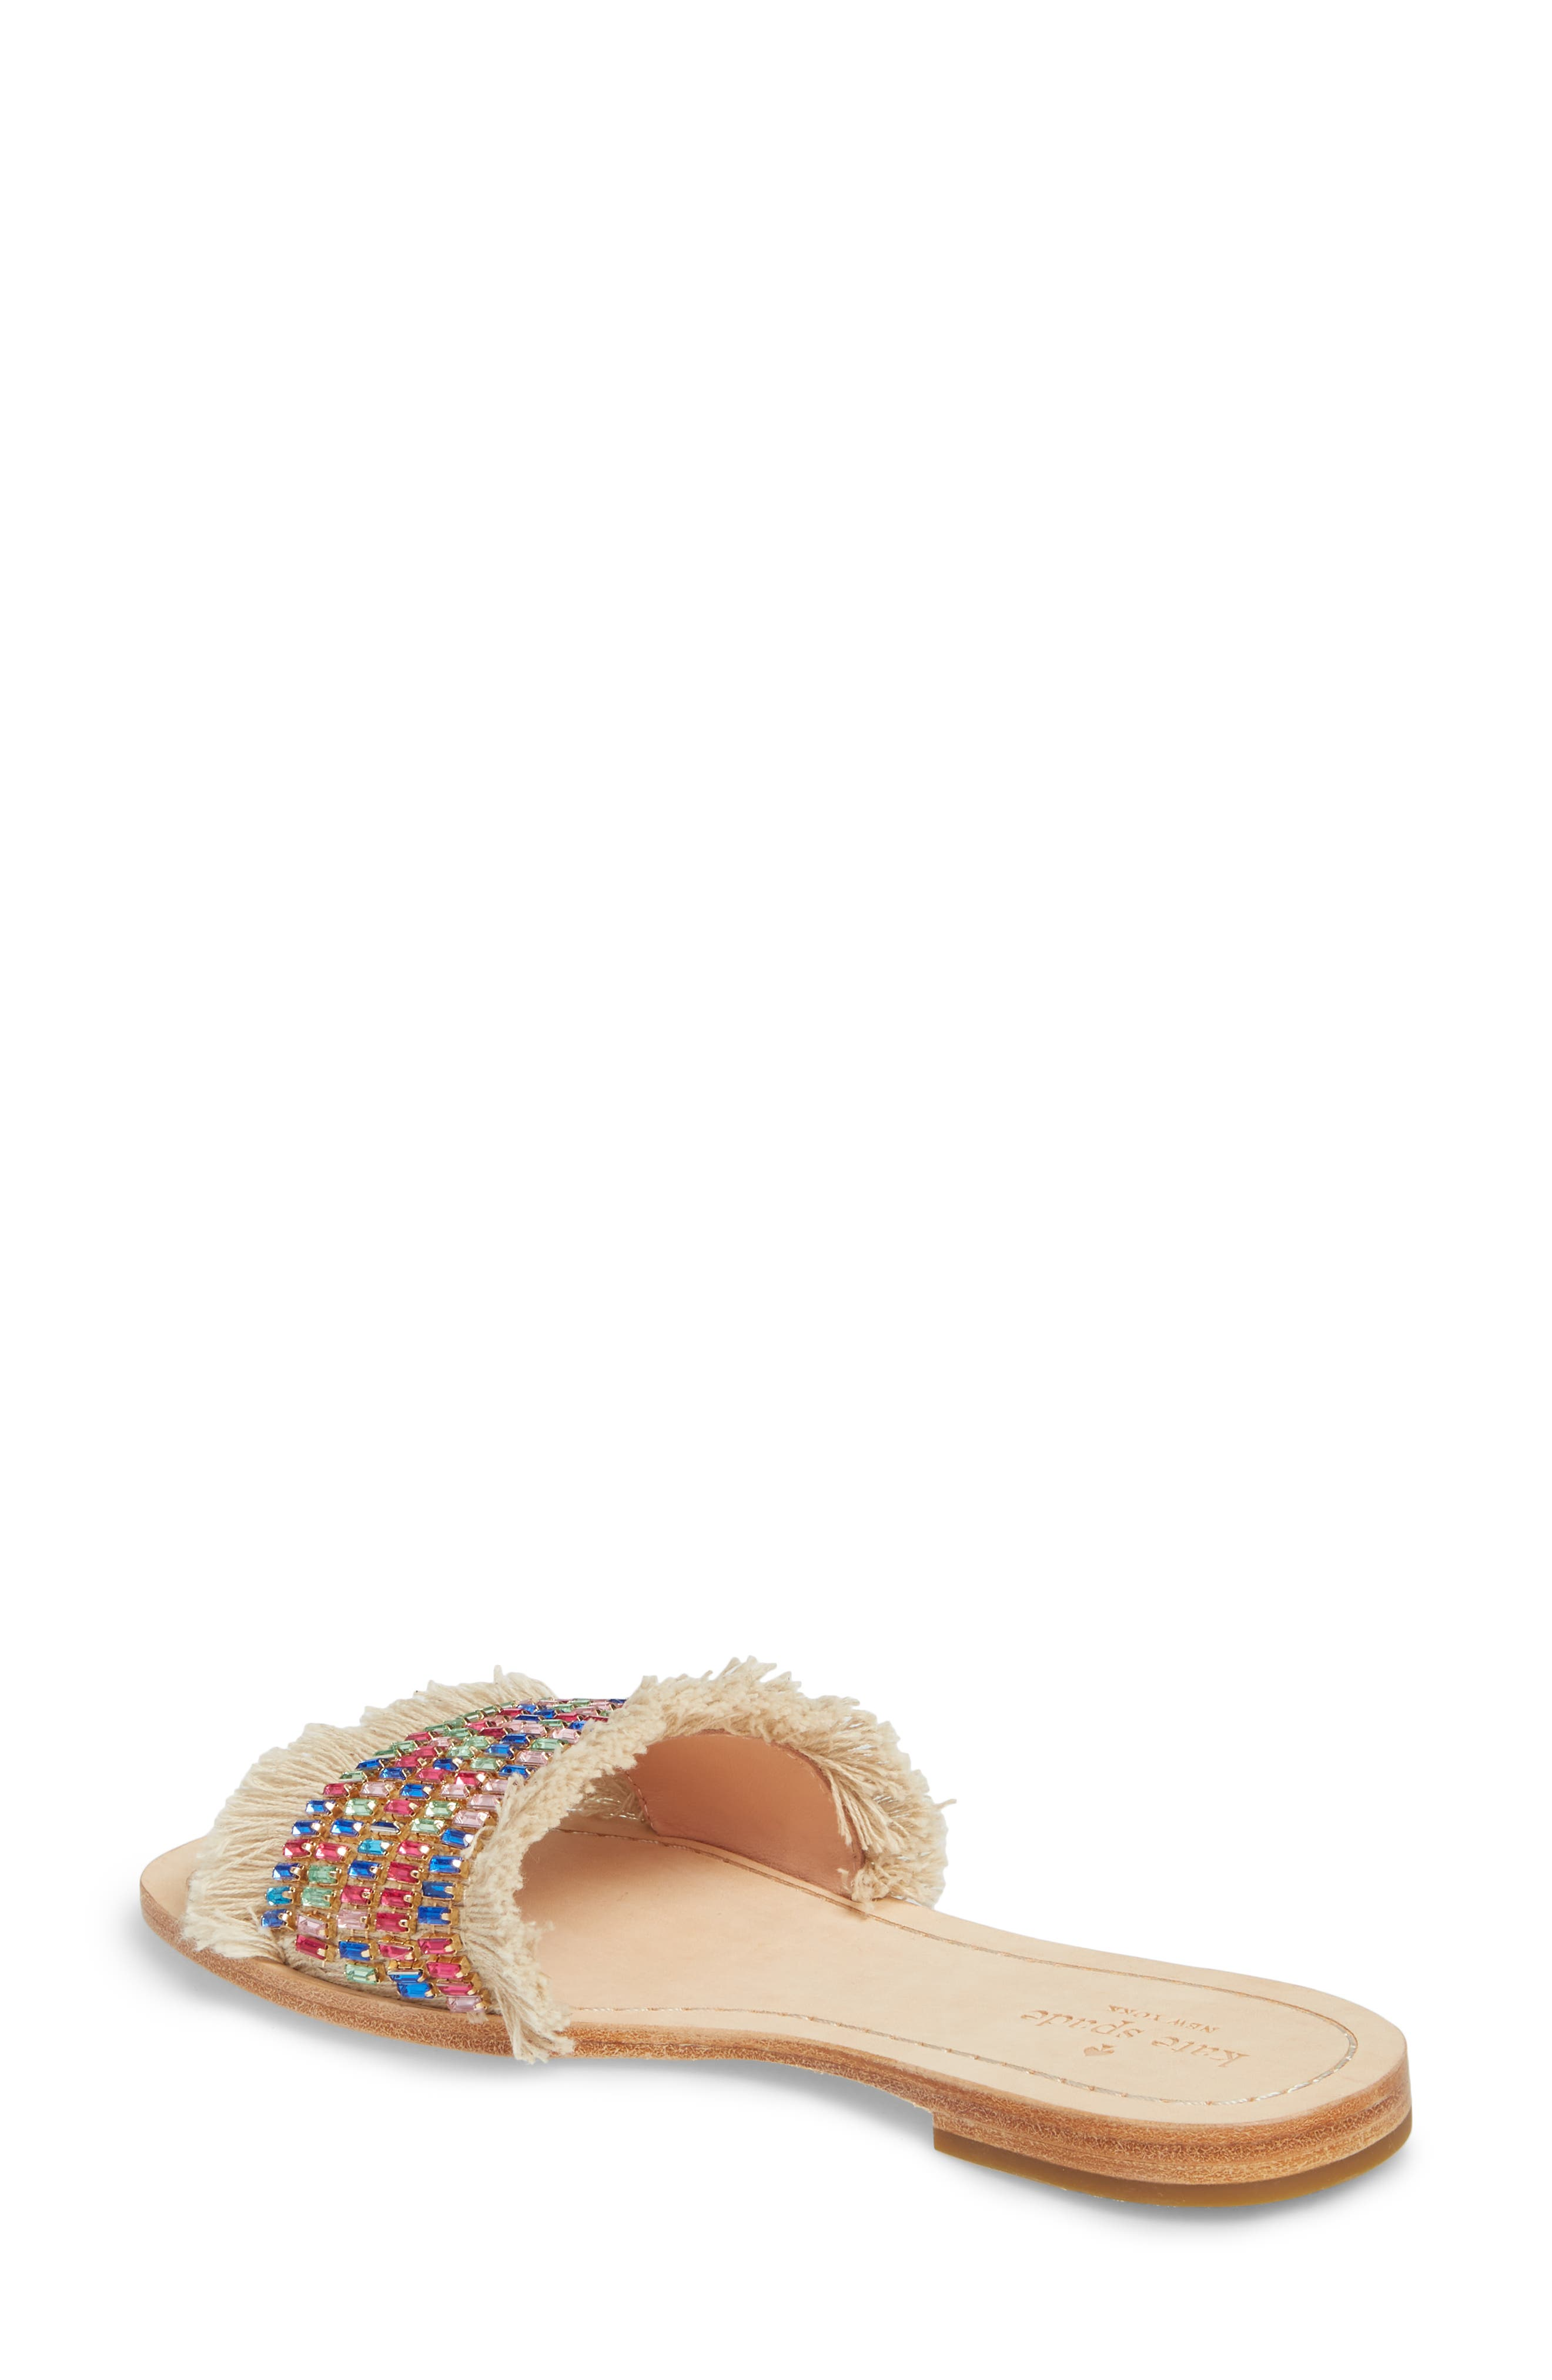 solaina slide sandal,                             Alternate thumbnail 4, color,